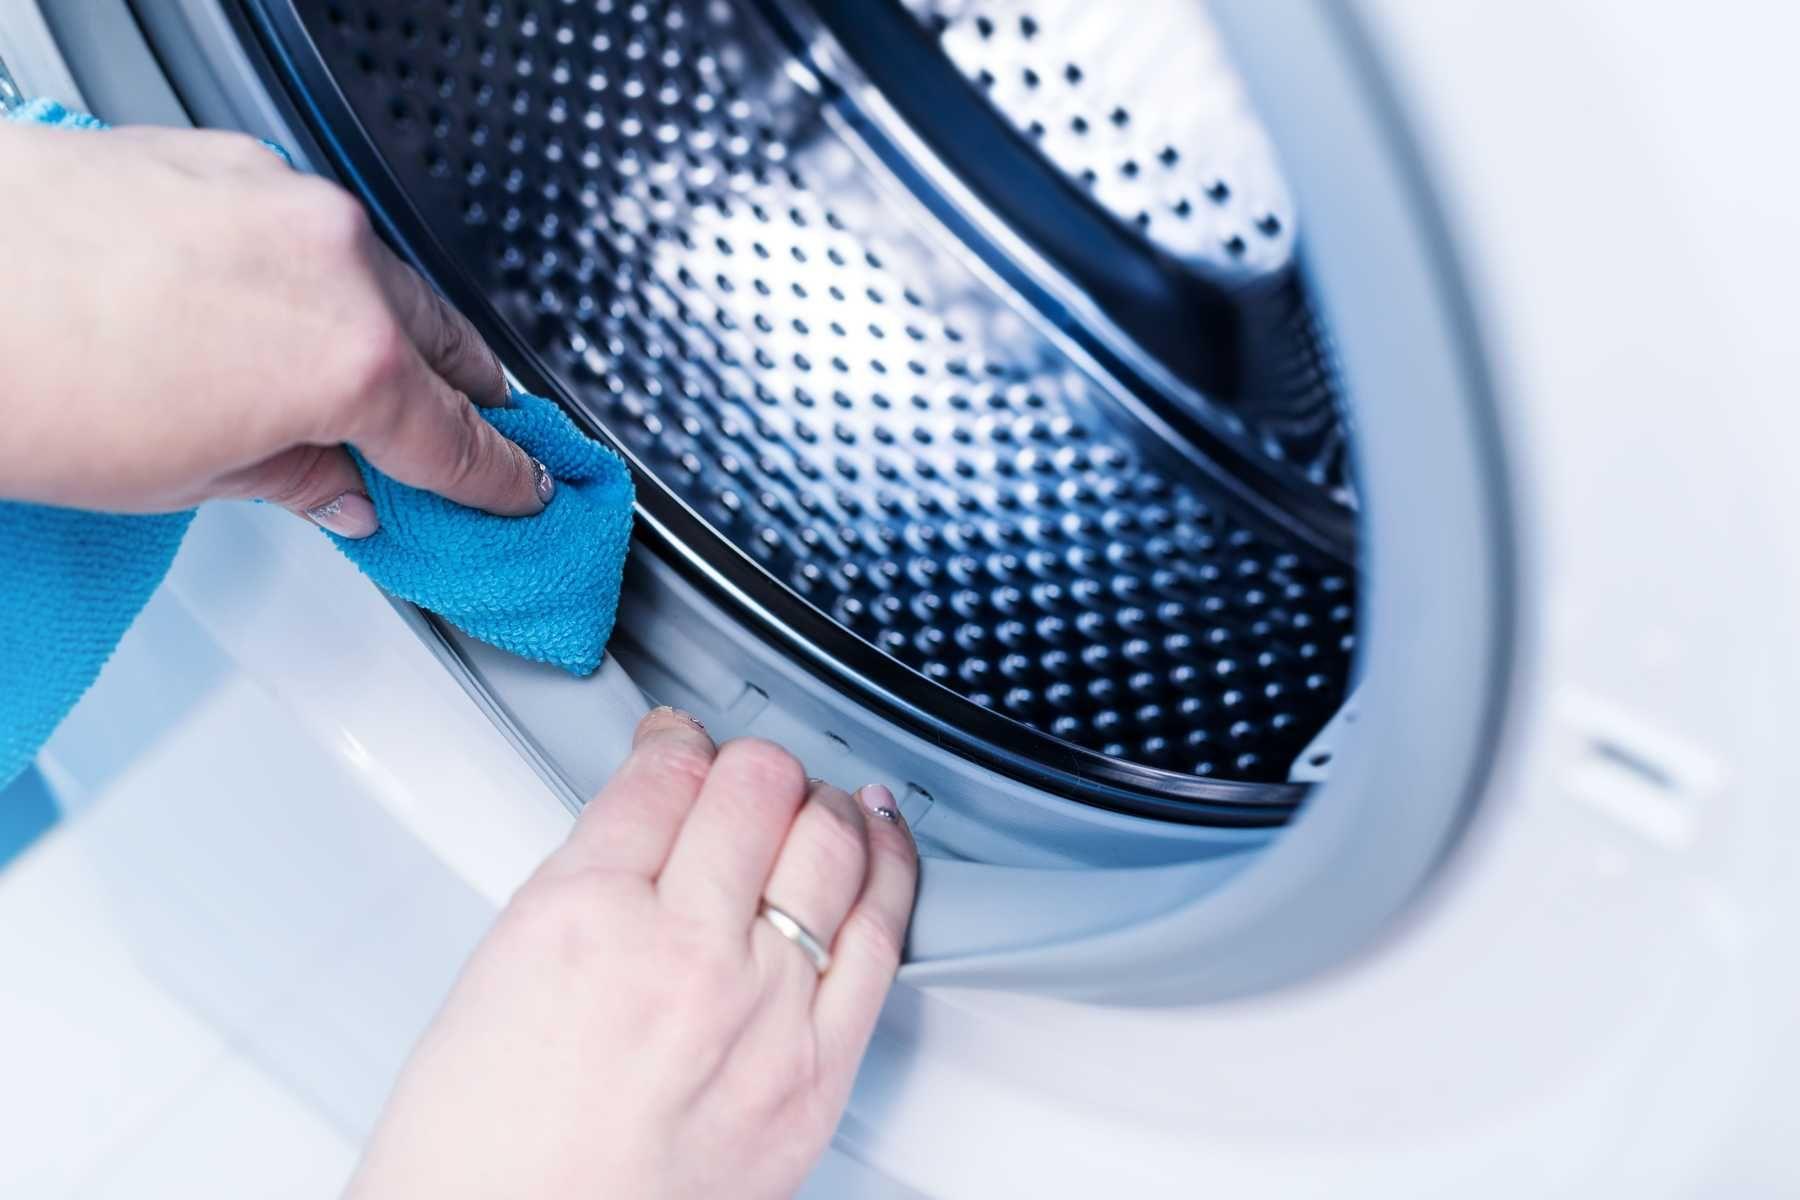 Cách vệ sinh máy giặt - xả sạch giấm và cọ sạch lồng giăt